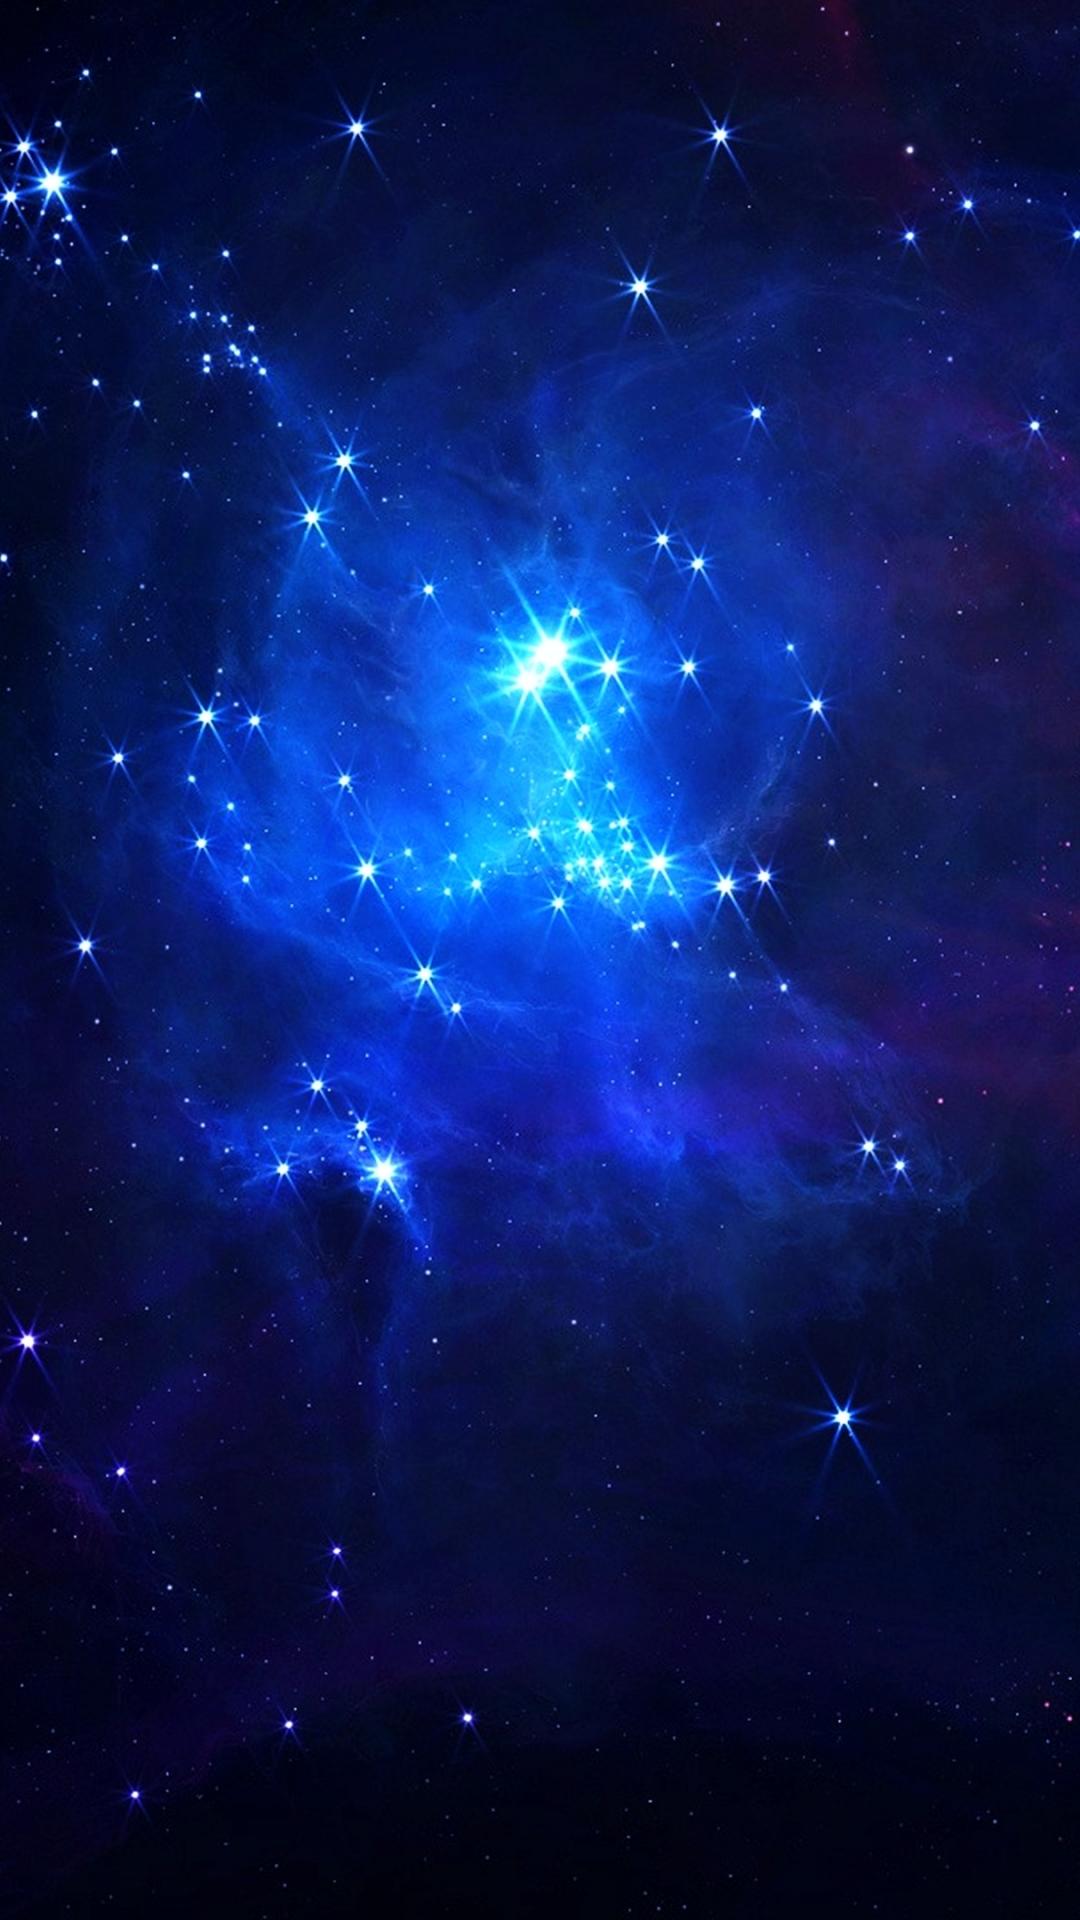 galaxy nebula